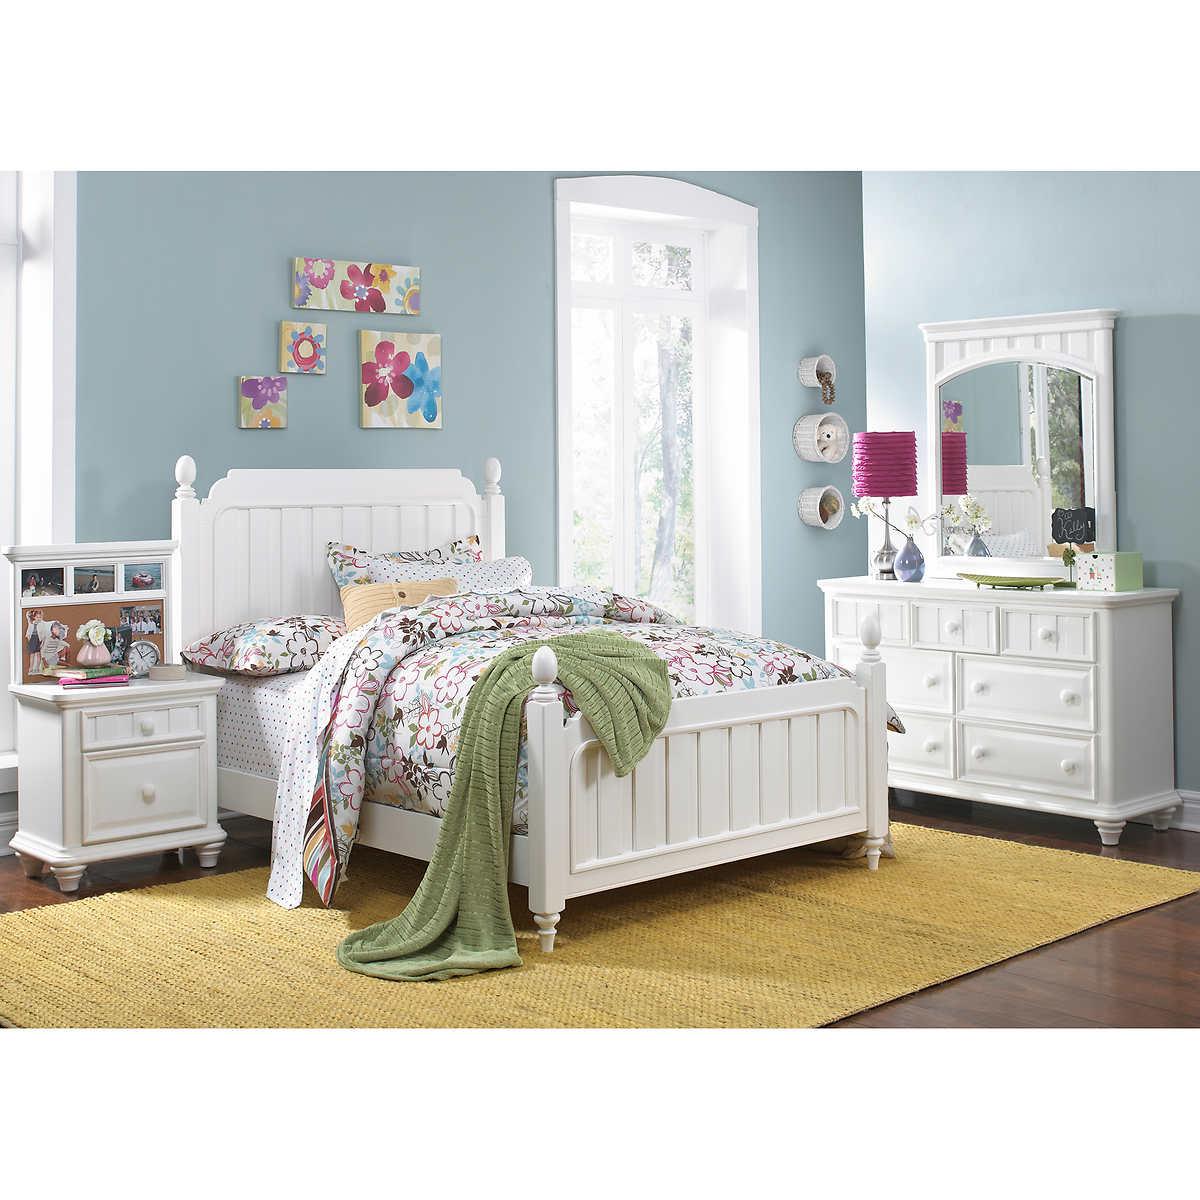 Zoe 4 Piece Full Bedroom Set